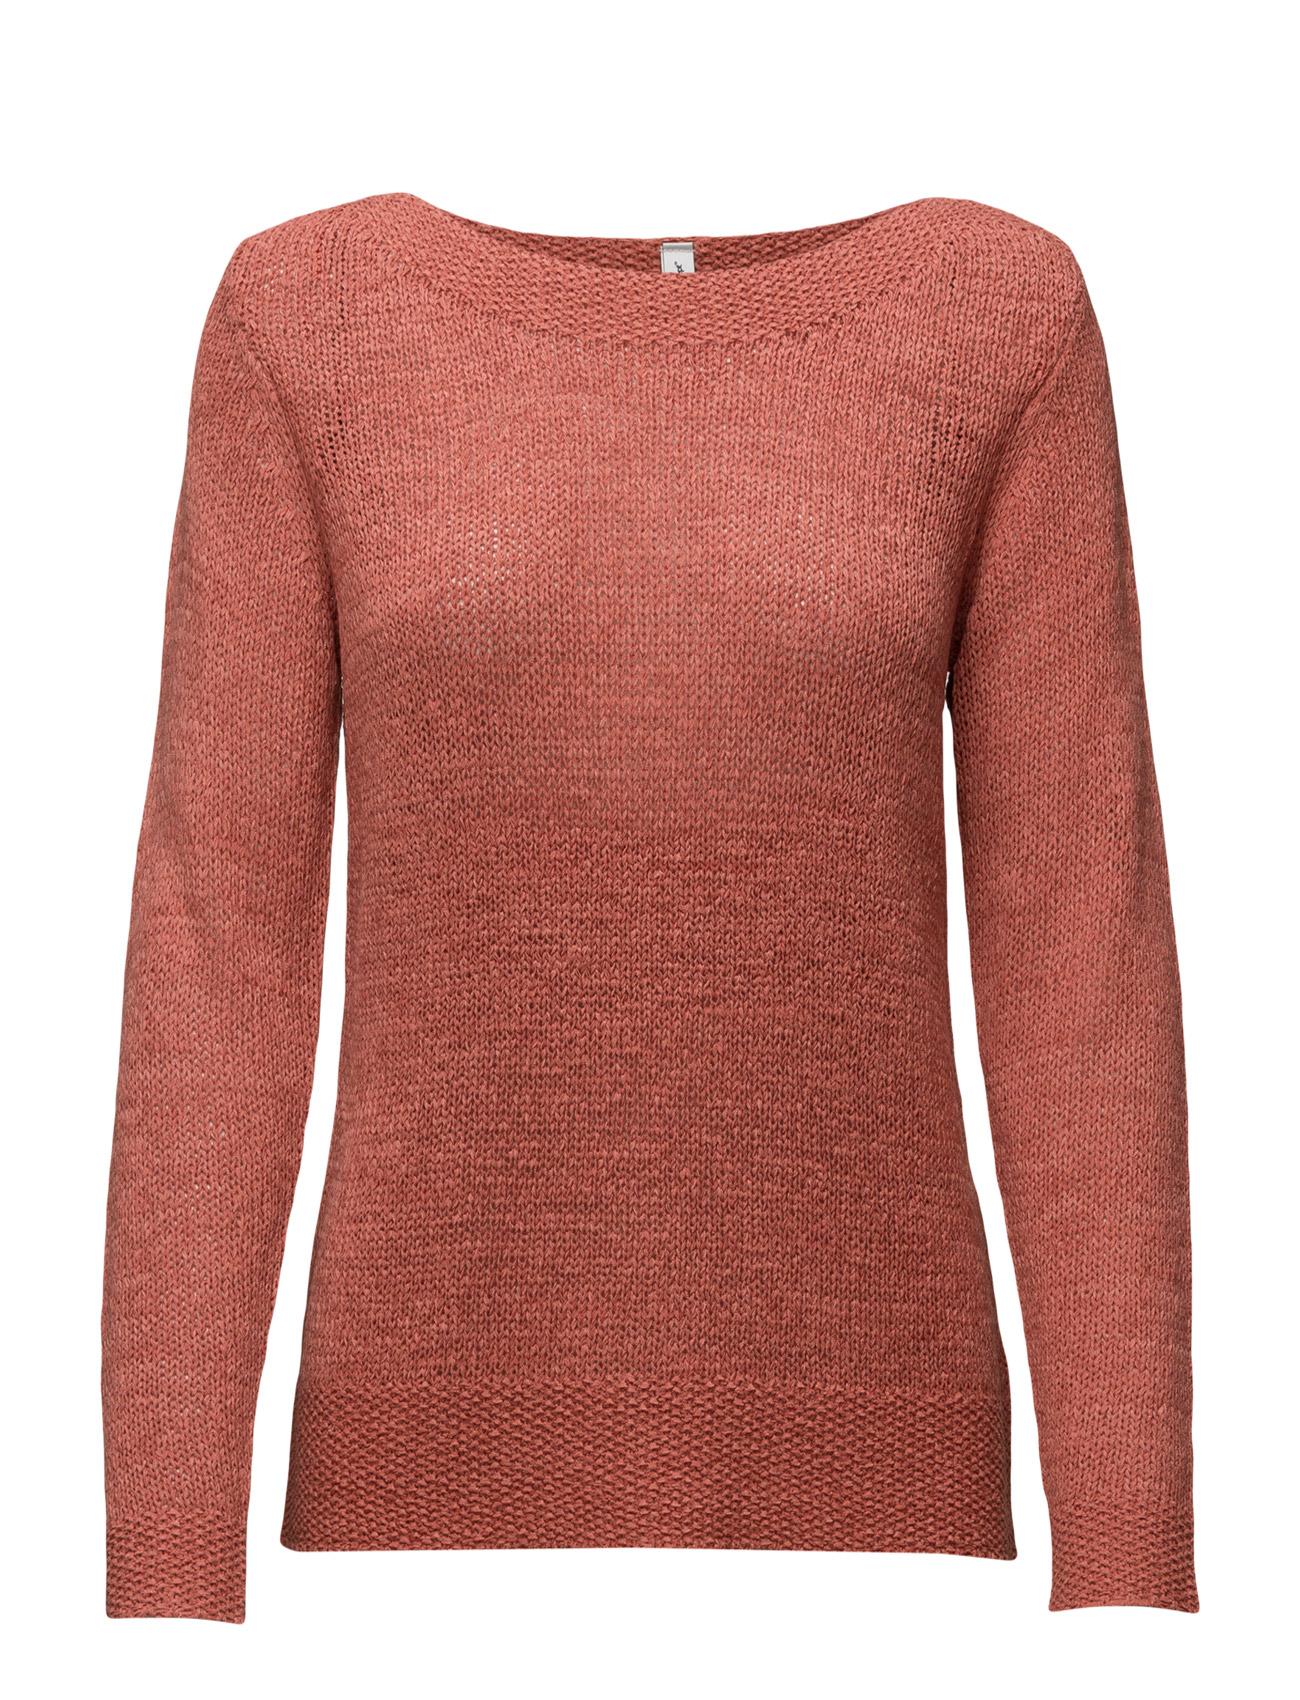 Ry Soyaconcept Sweatshirts til Kvinder i Koral